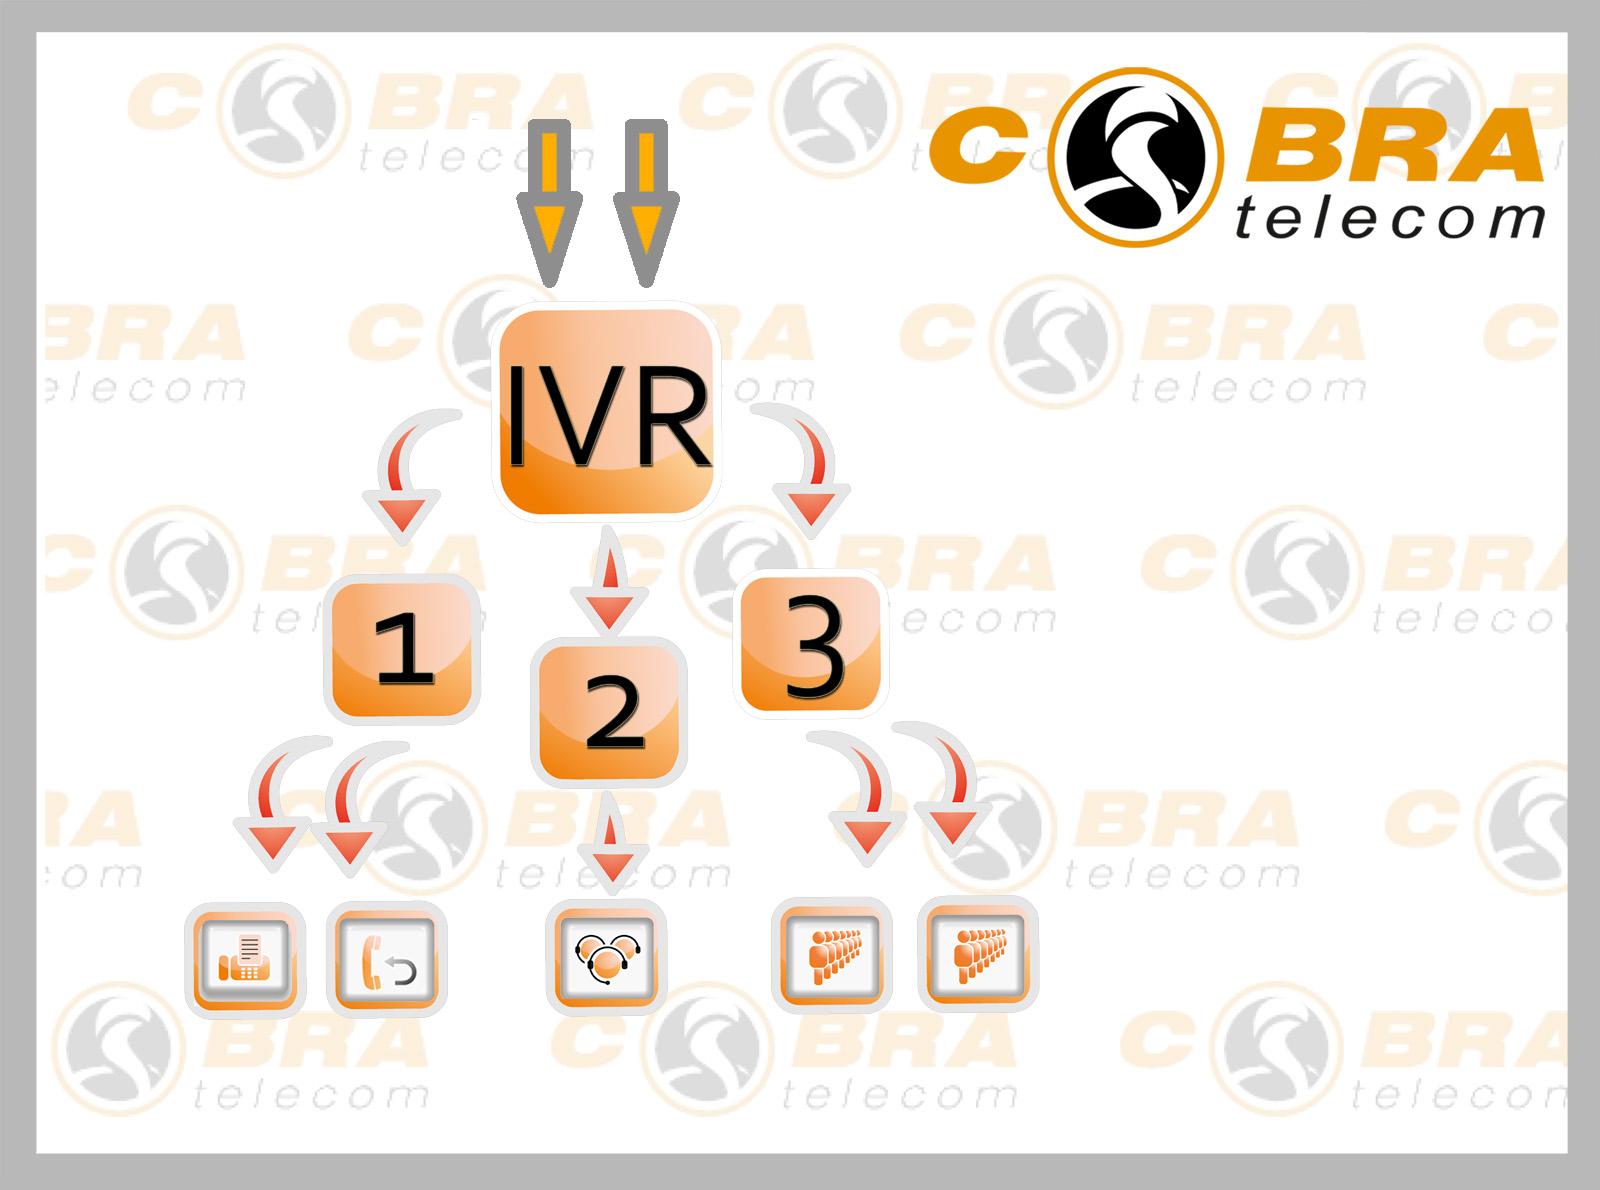 Система управелния голосовым меню, Asterisk IVR